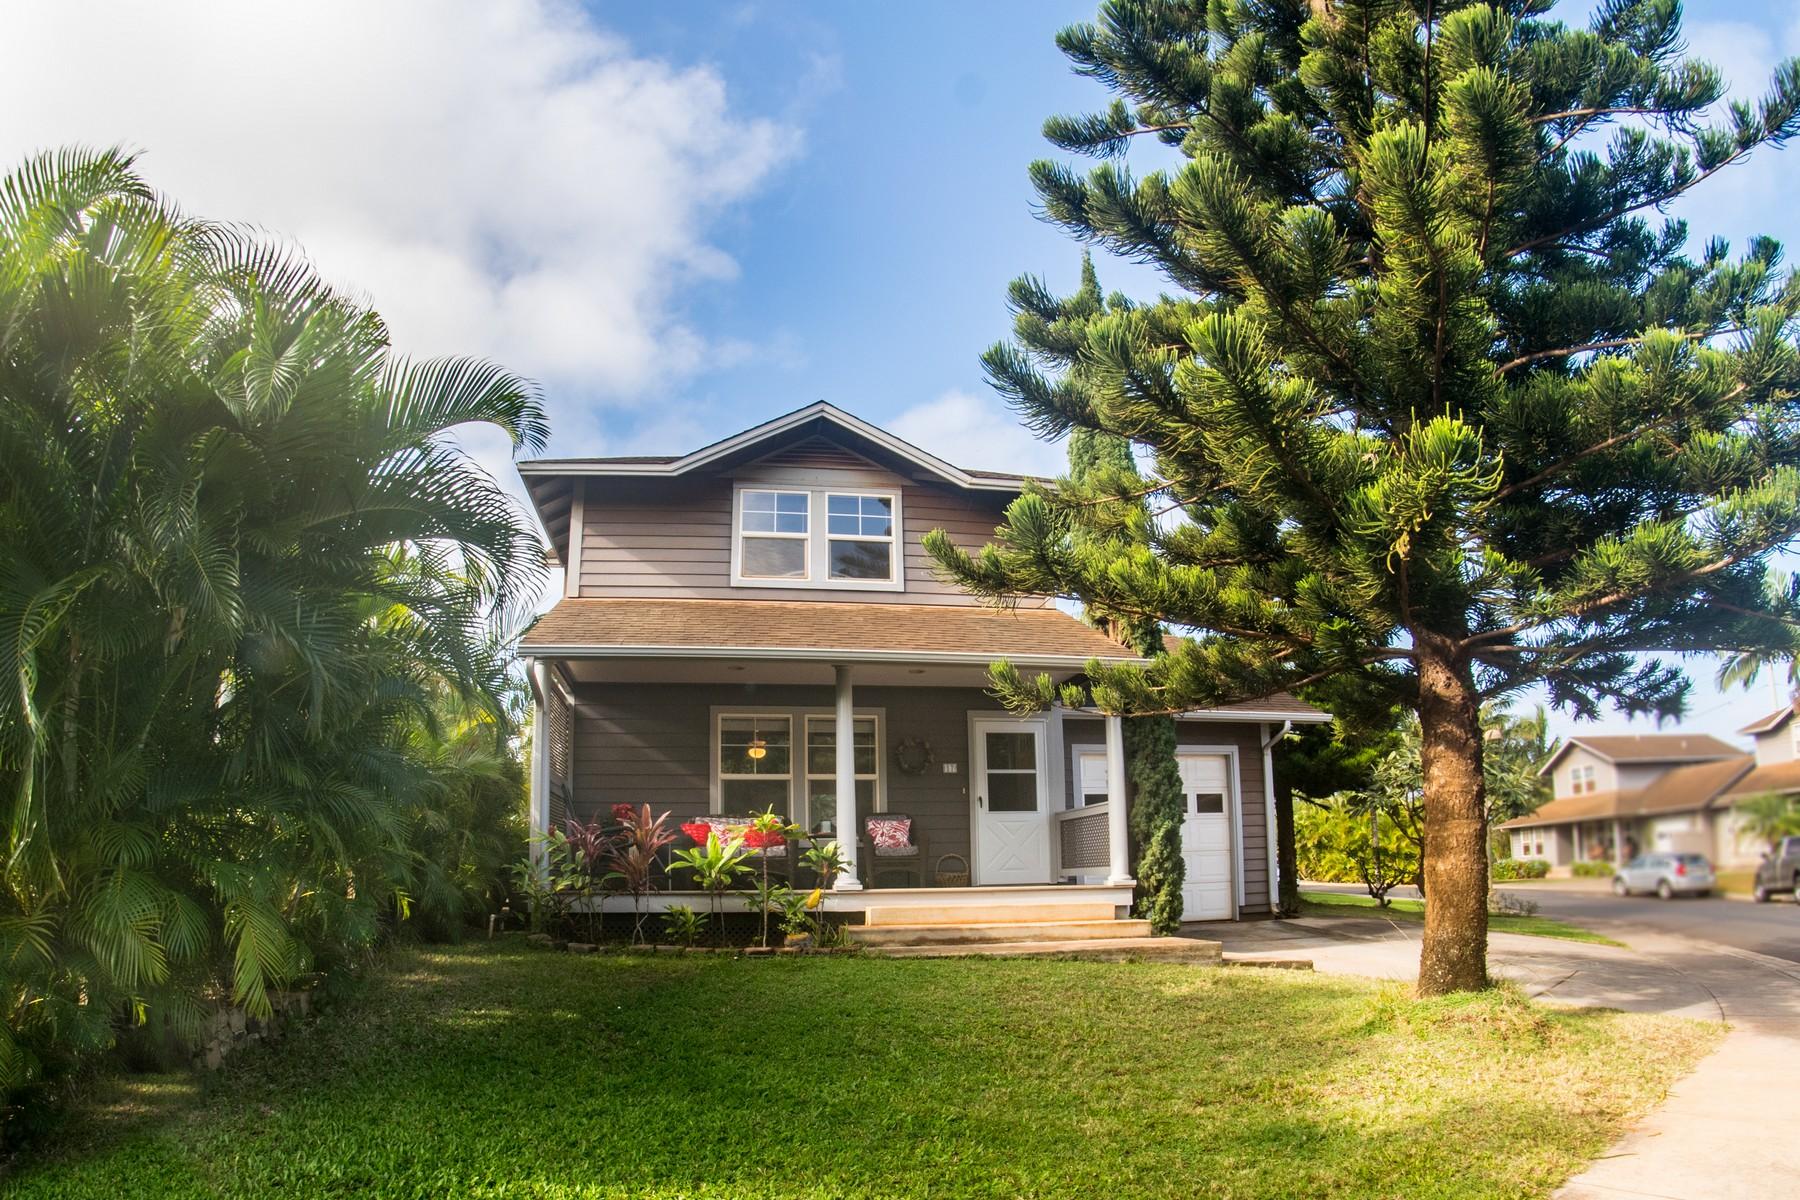 Maison unifamiliale pour l Vente à LOCATION! Charming 3 Bed, 2.5 Bath Single Family Home 17 Hoaka Place Lahaina, Hawaii, 96761 États-Unis